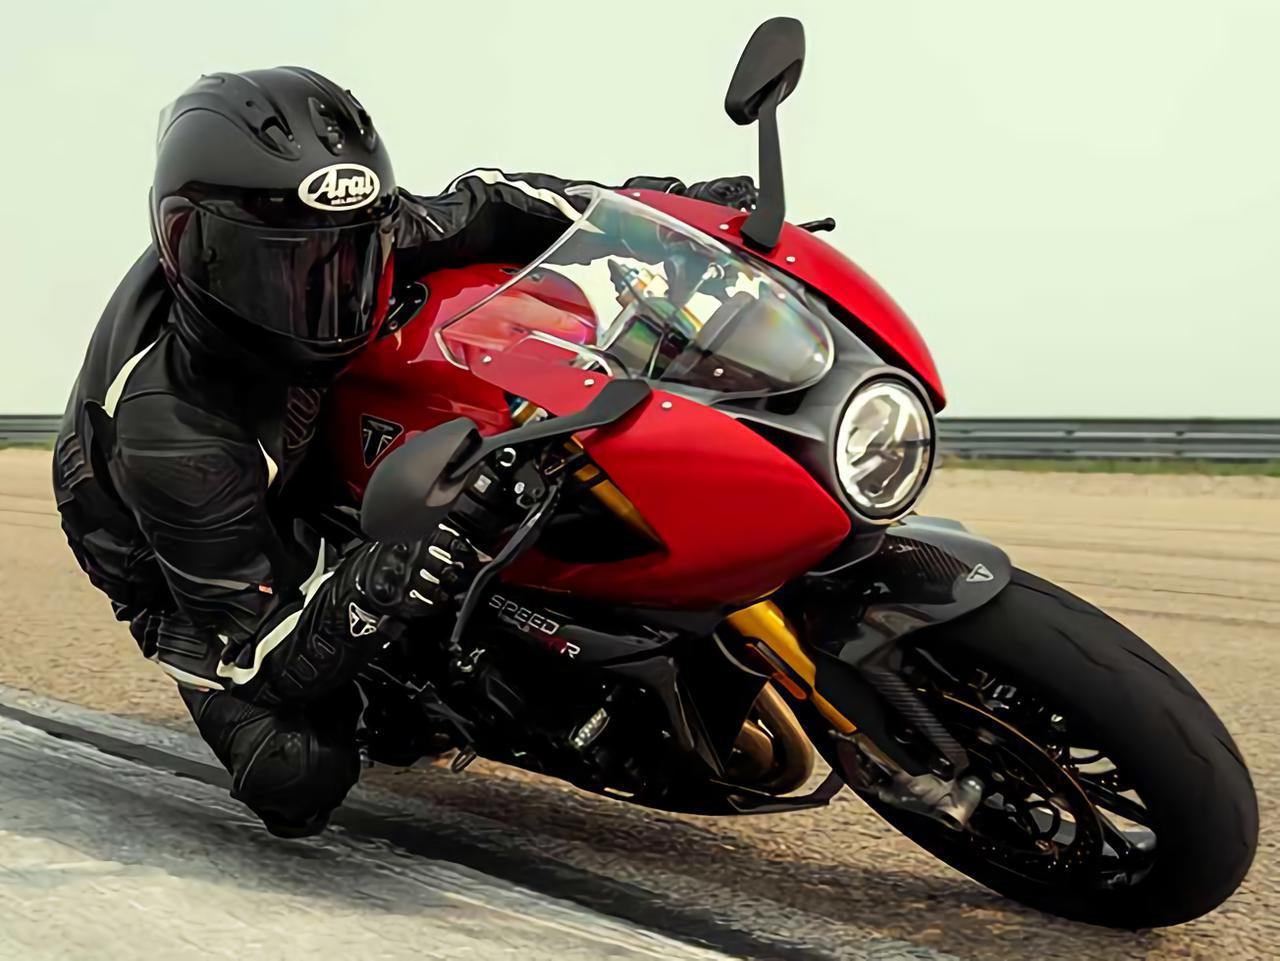 画像: 【9月14日追加情報】トライアンフ新型車「スピードトリプル1200RR」詳細発表! - webオートバイ